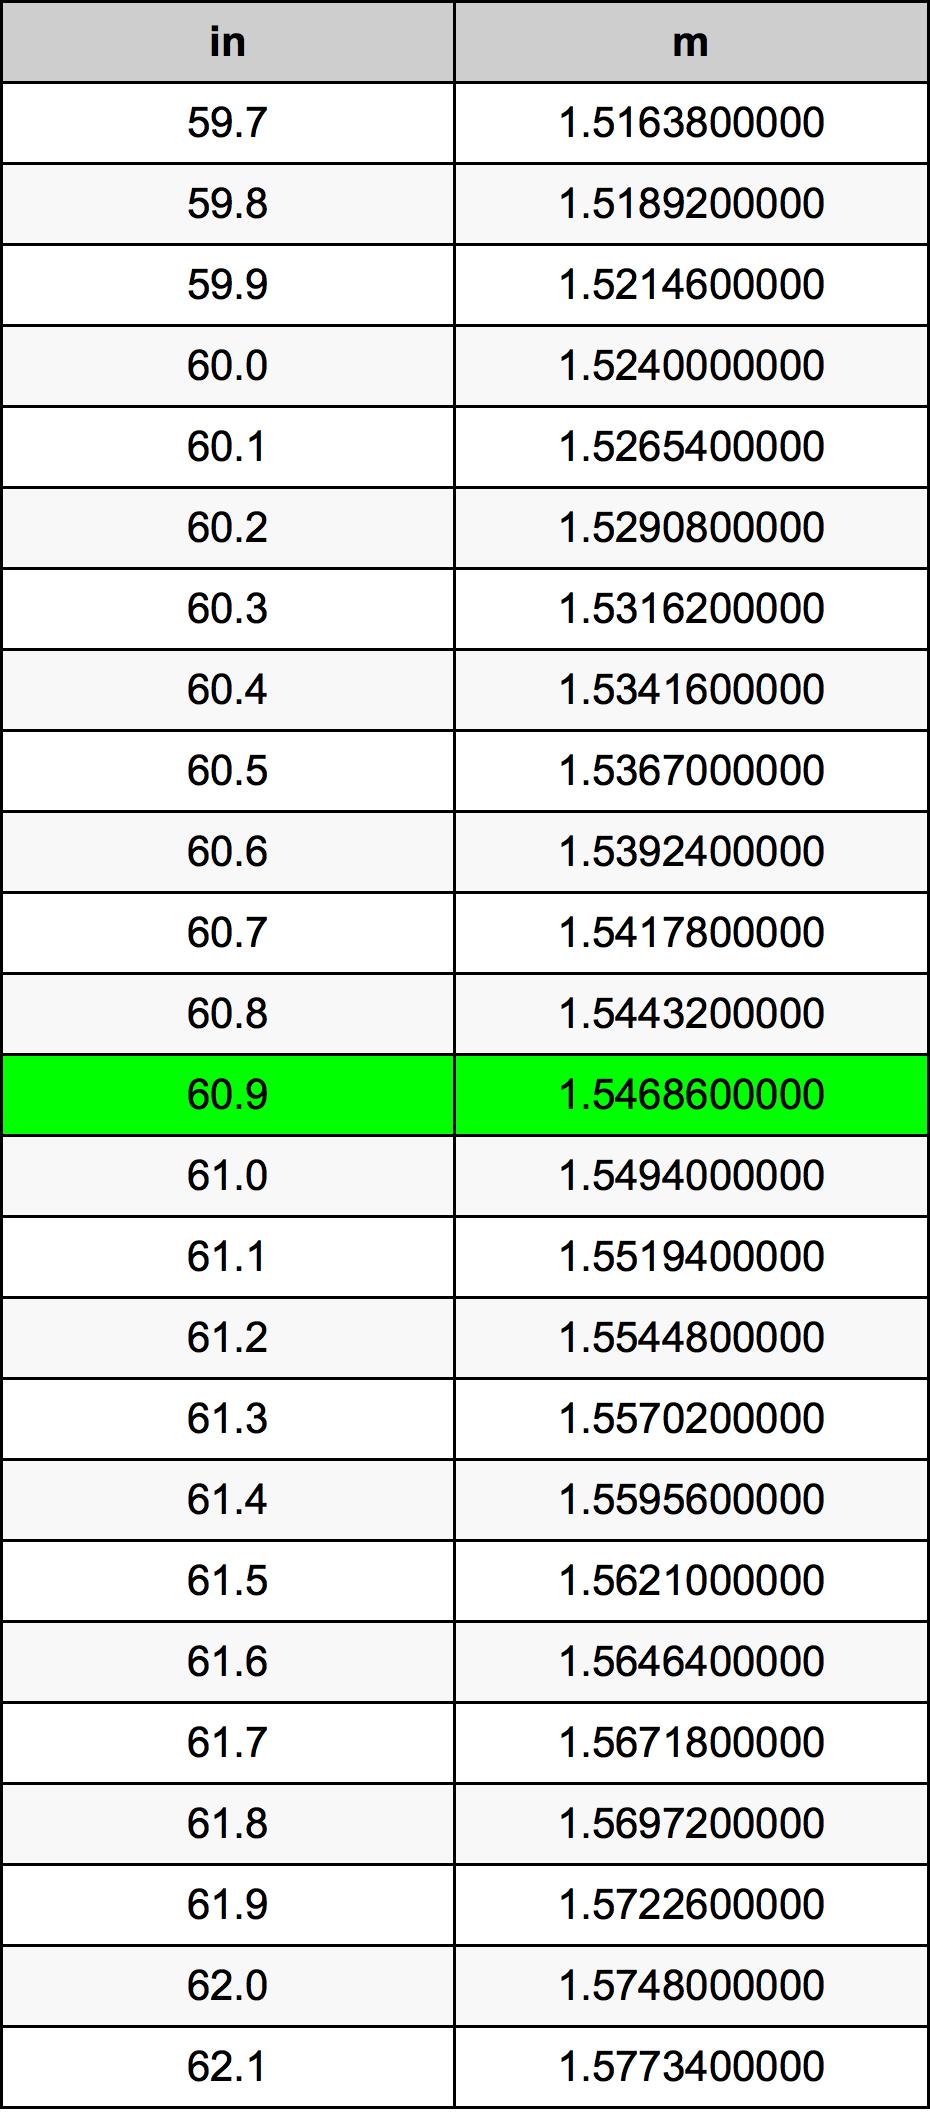 60.9インチ換算表